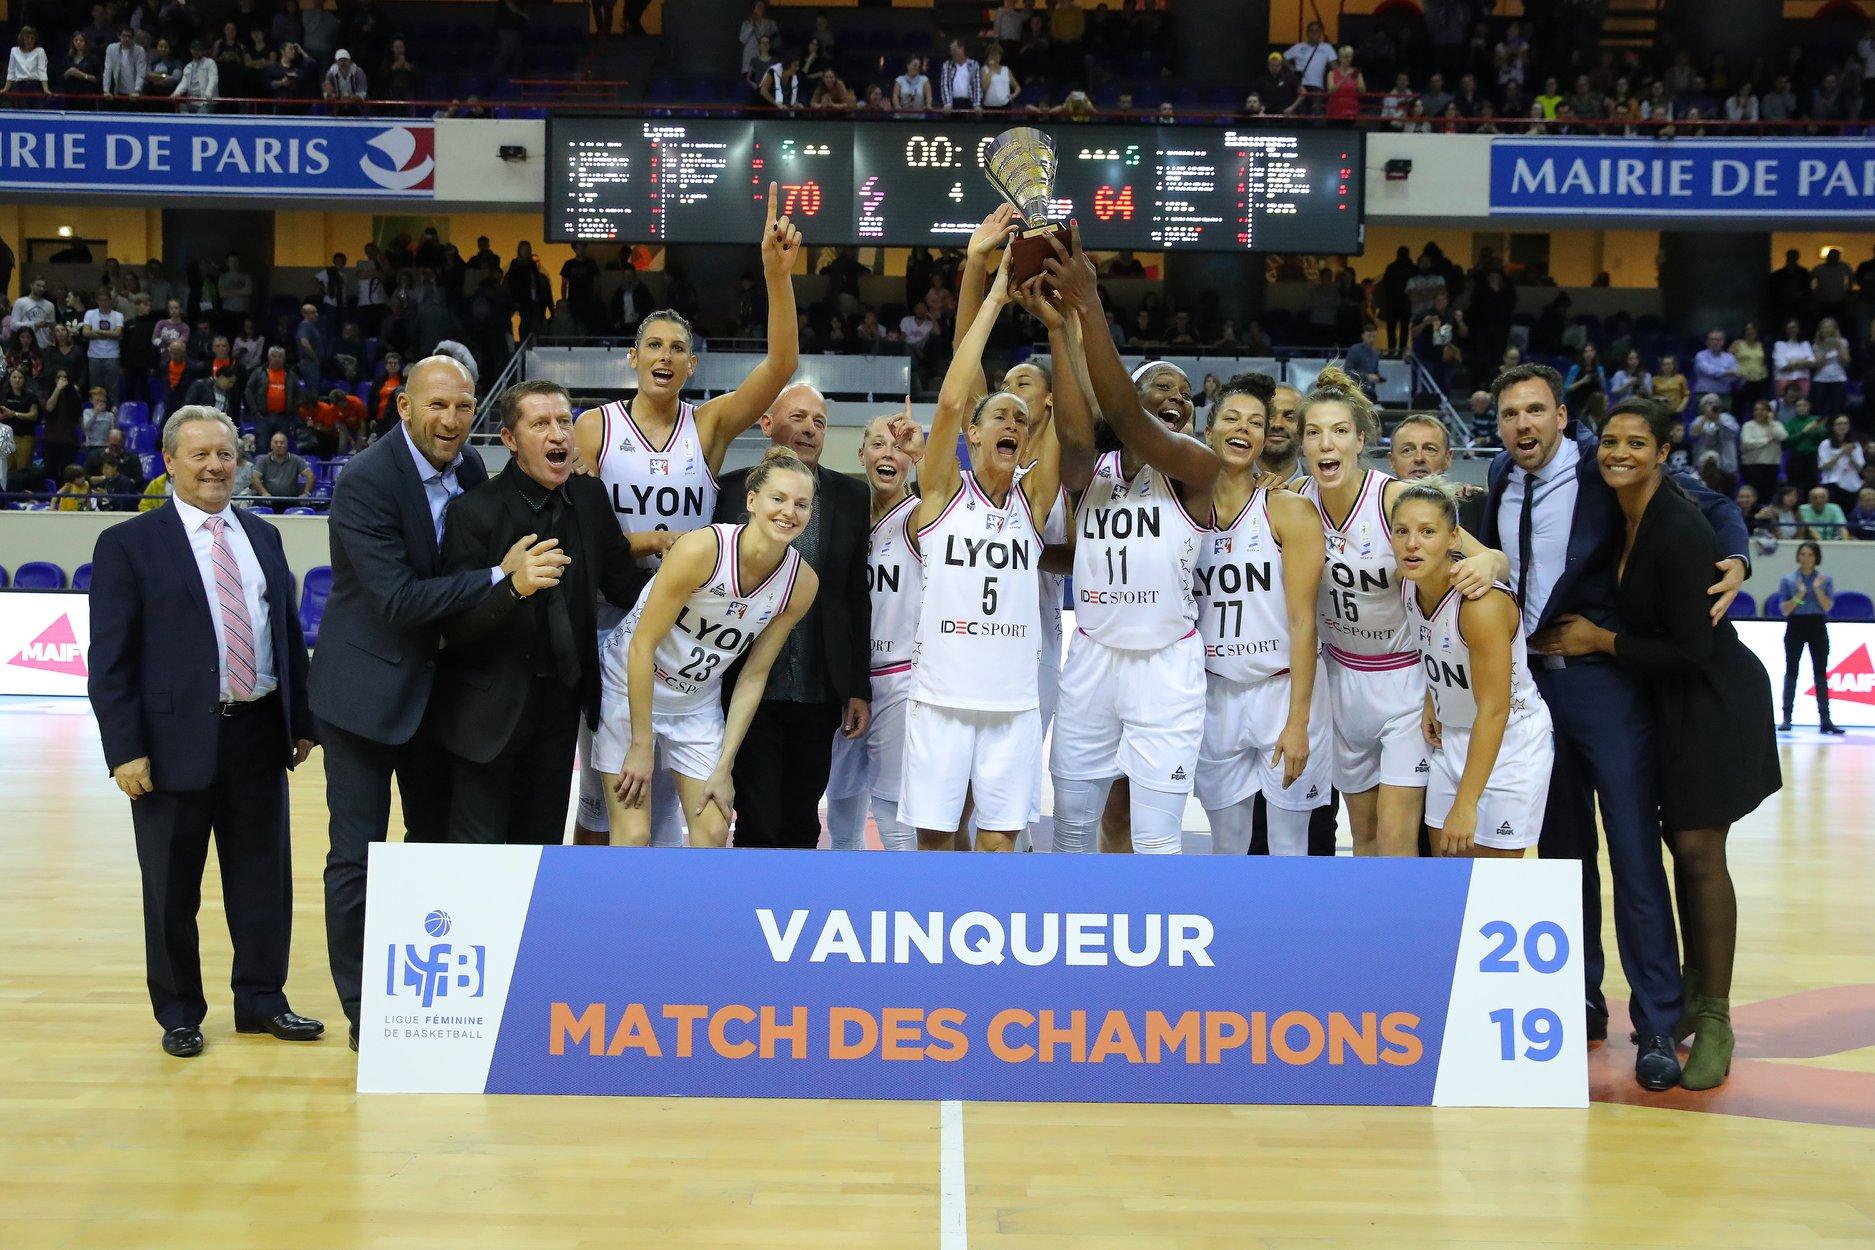 Gagnantes du Trophée des Champions - Yoan speaker basket Open LFB